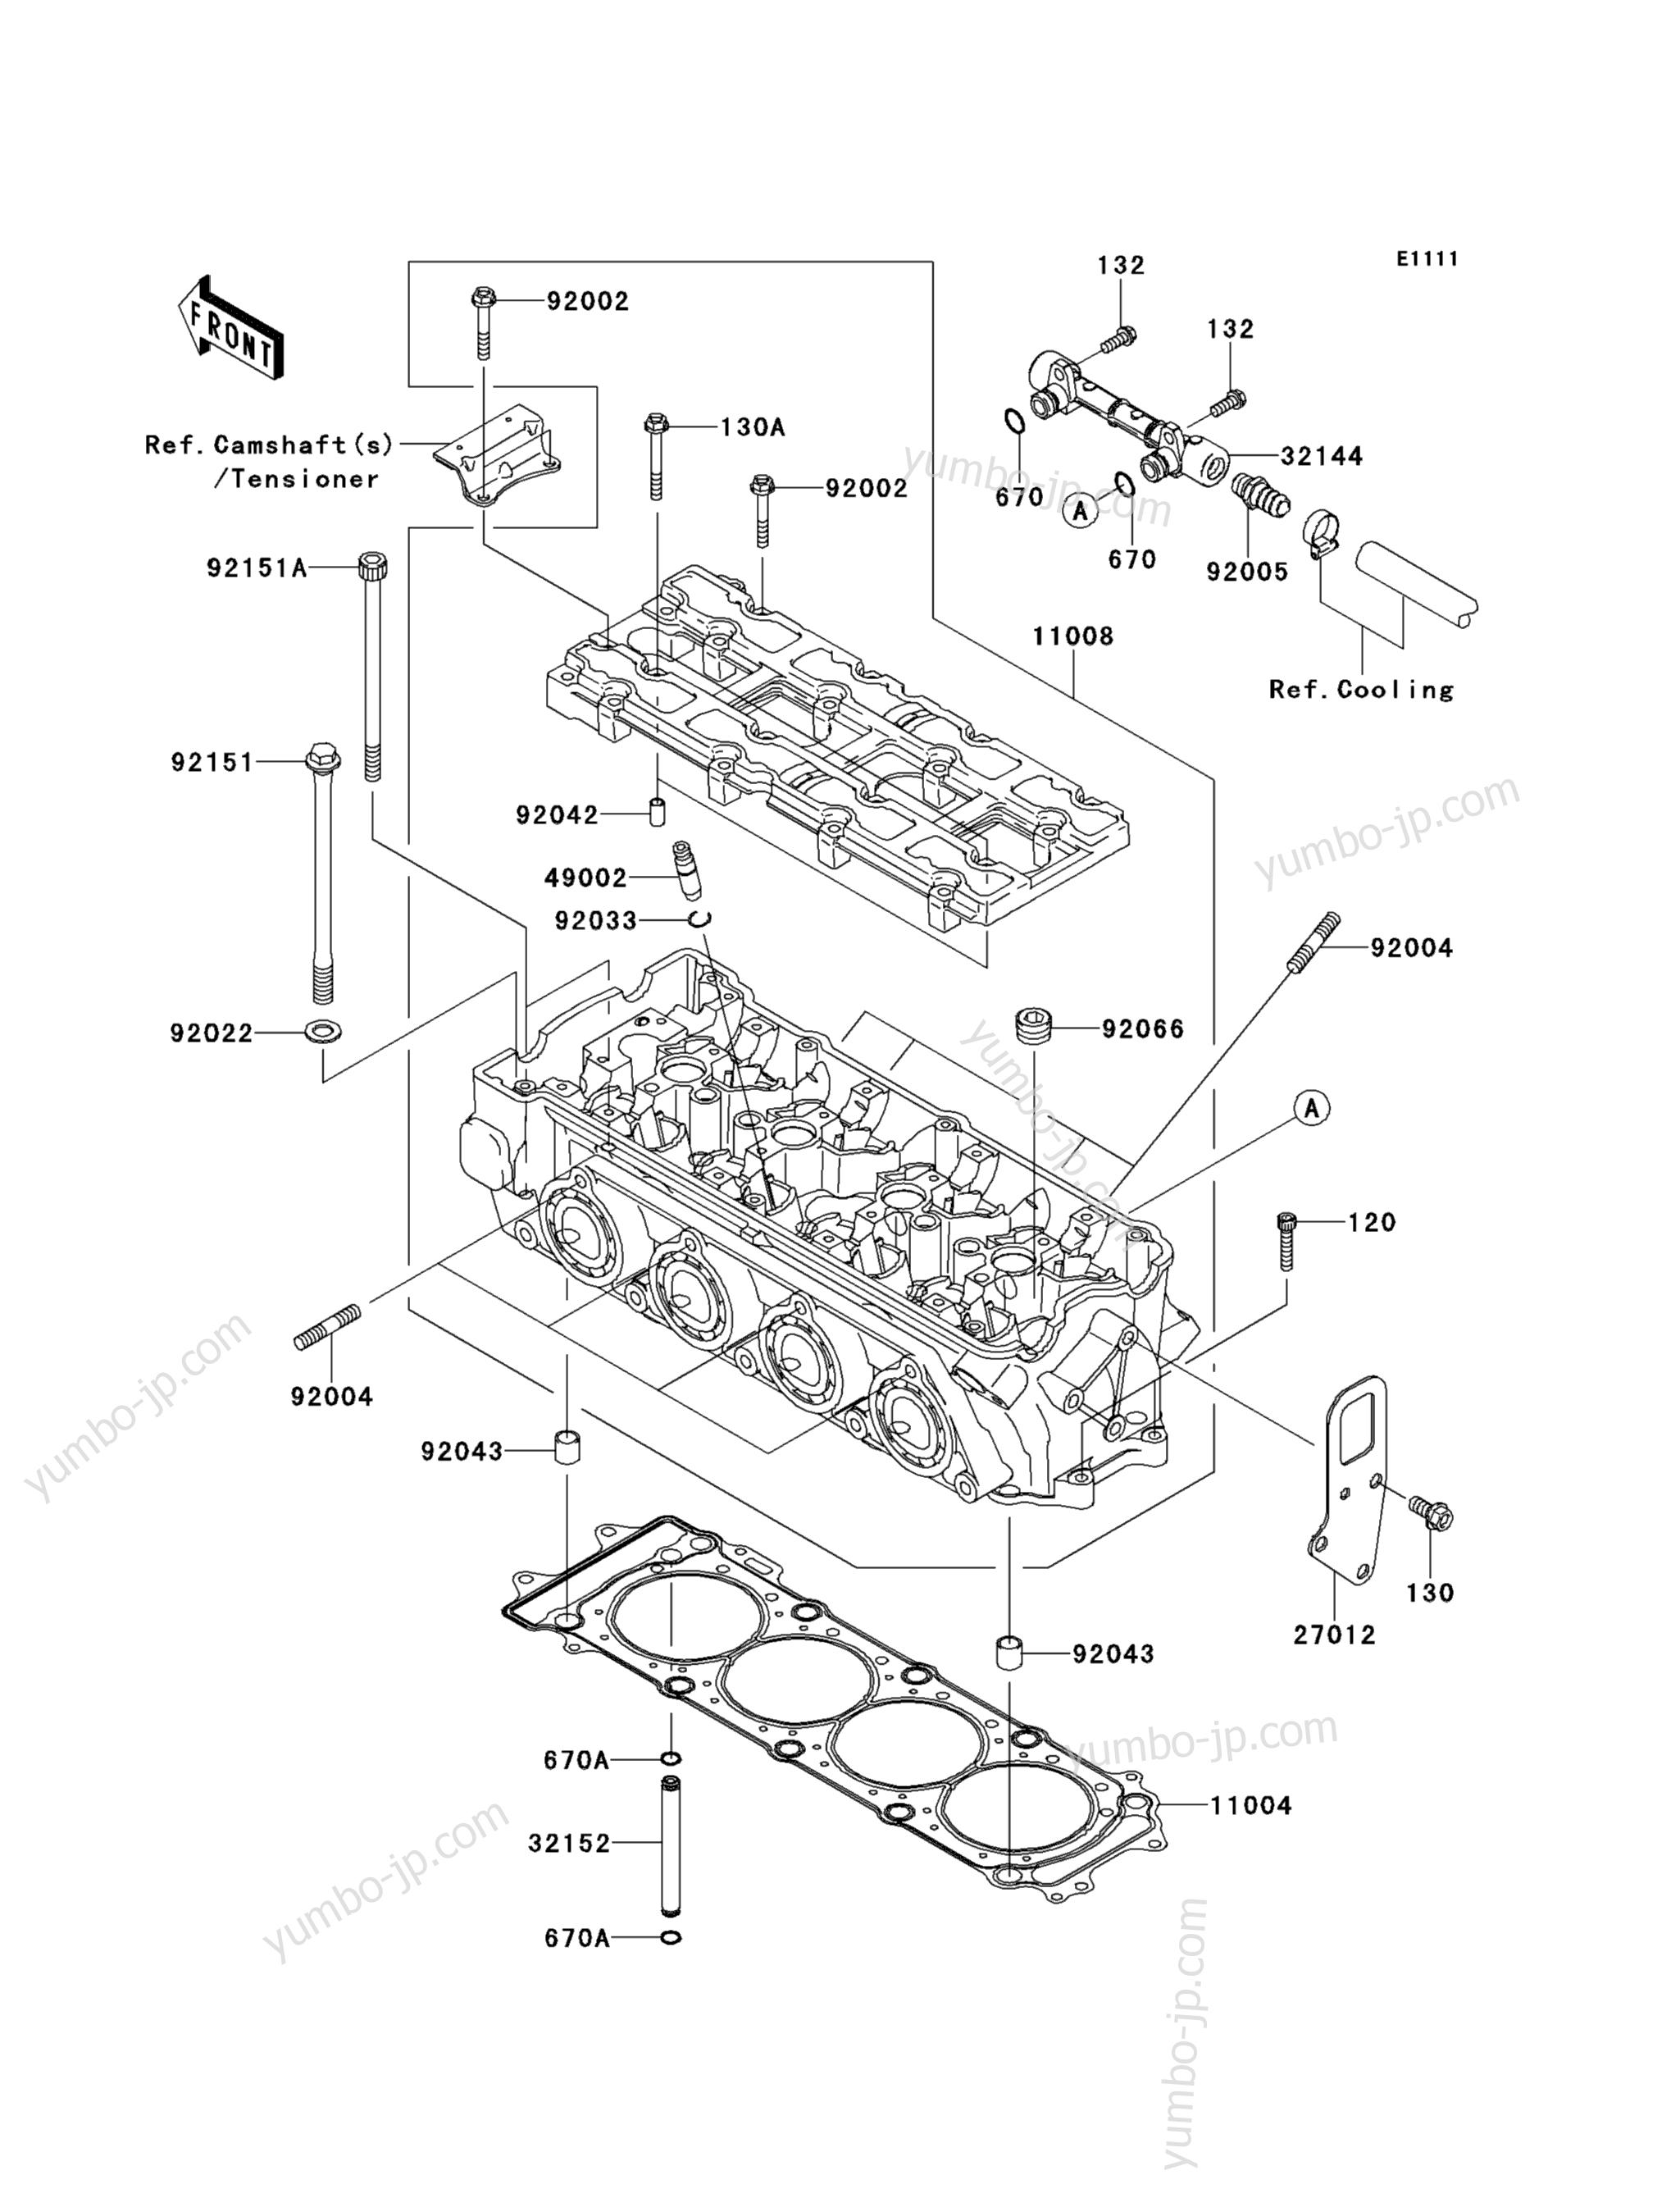 Головка блока цилиндров для гидроциклов KAWASAKI JET SKI STX-15F (JT1500ADF) 2013 г.